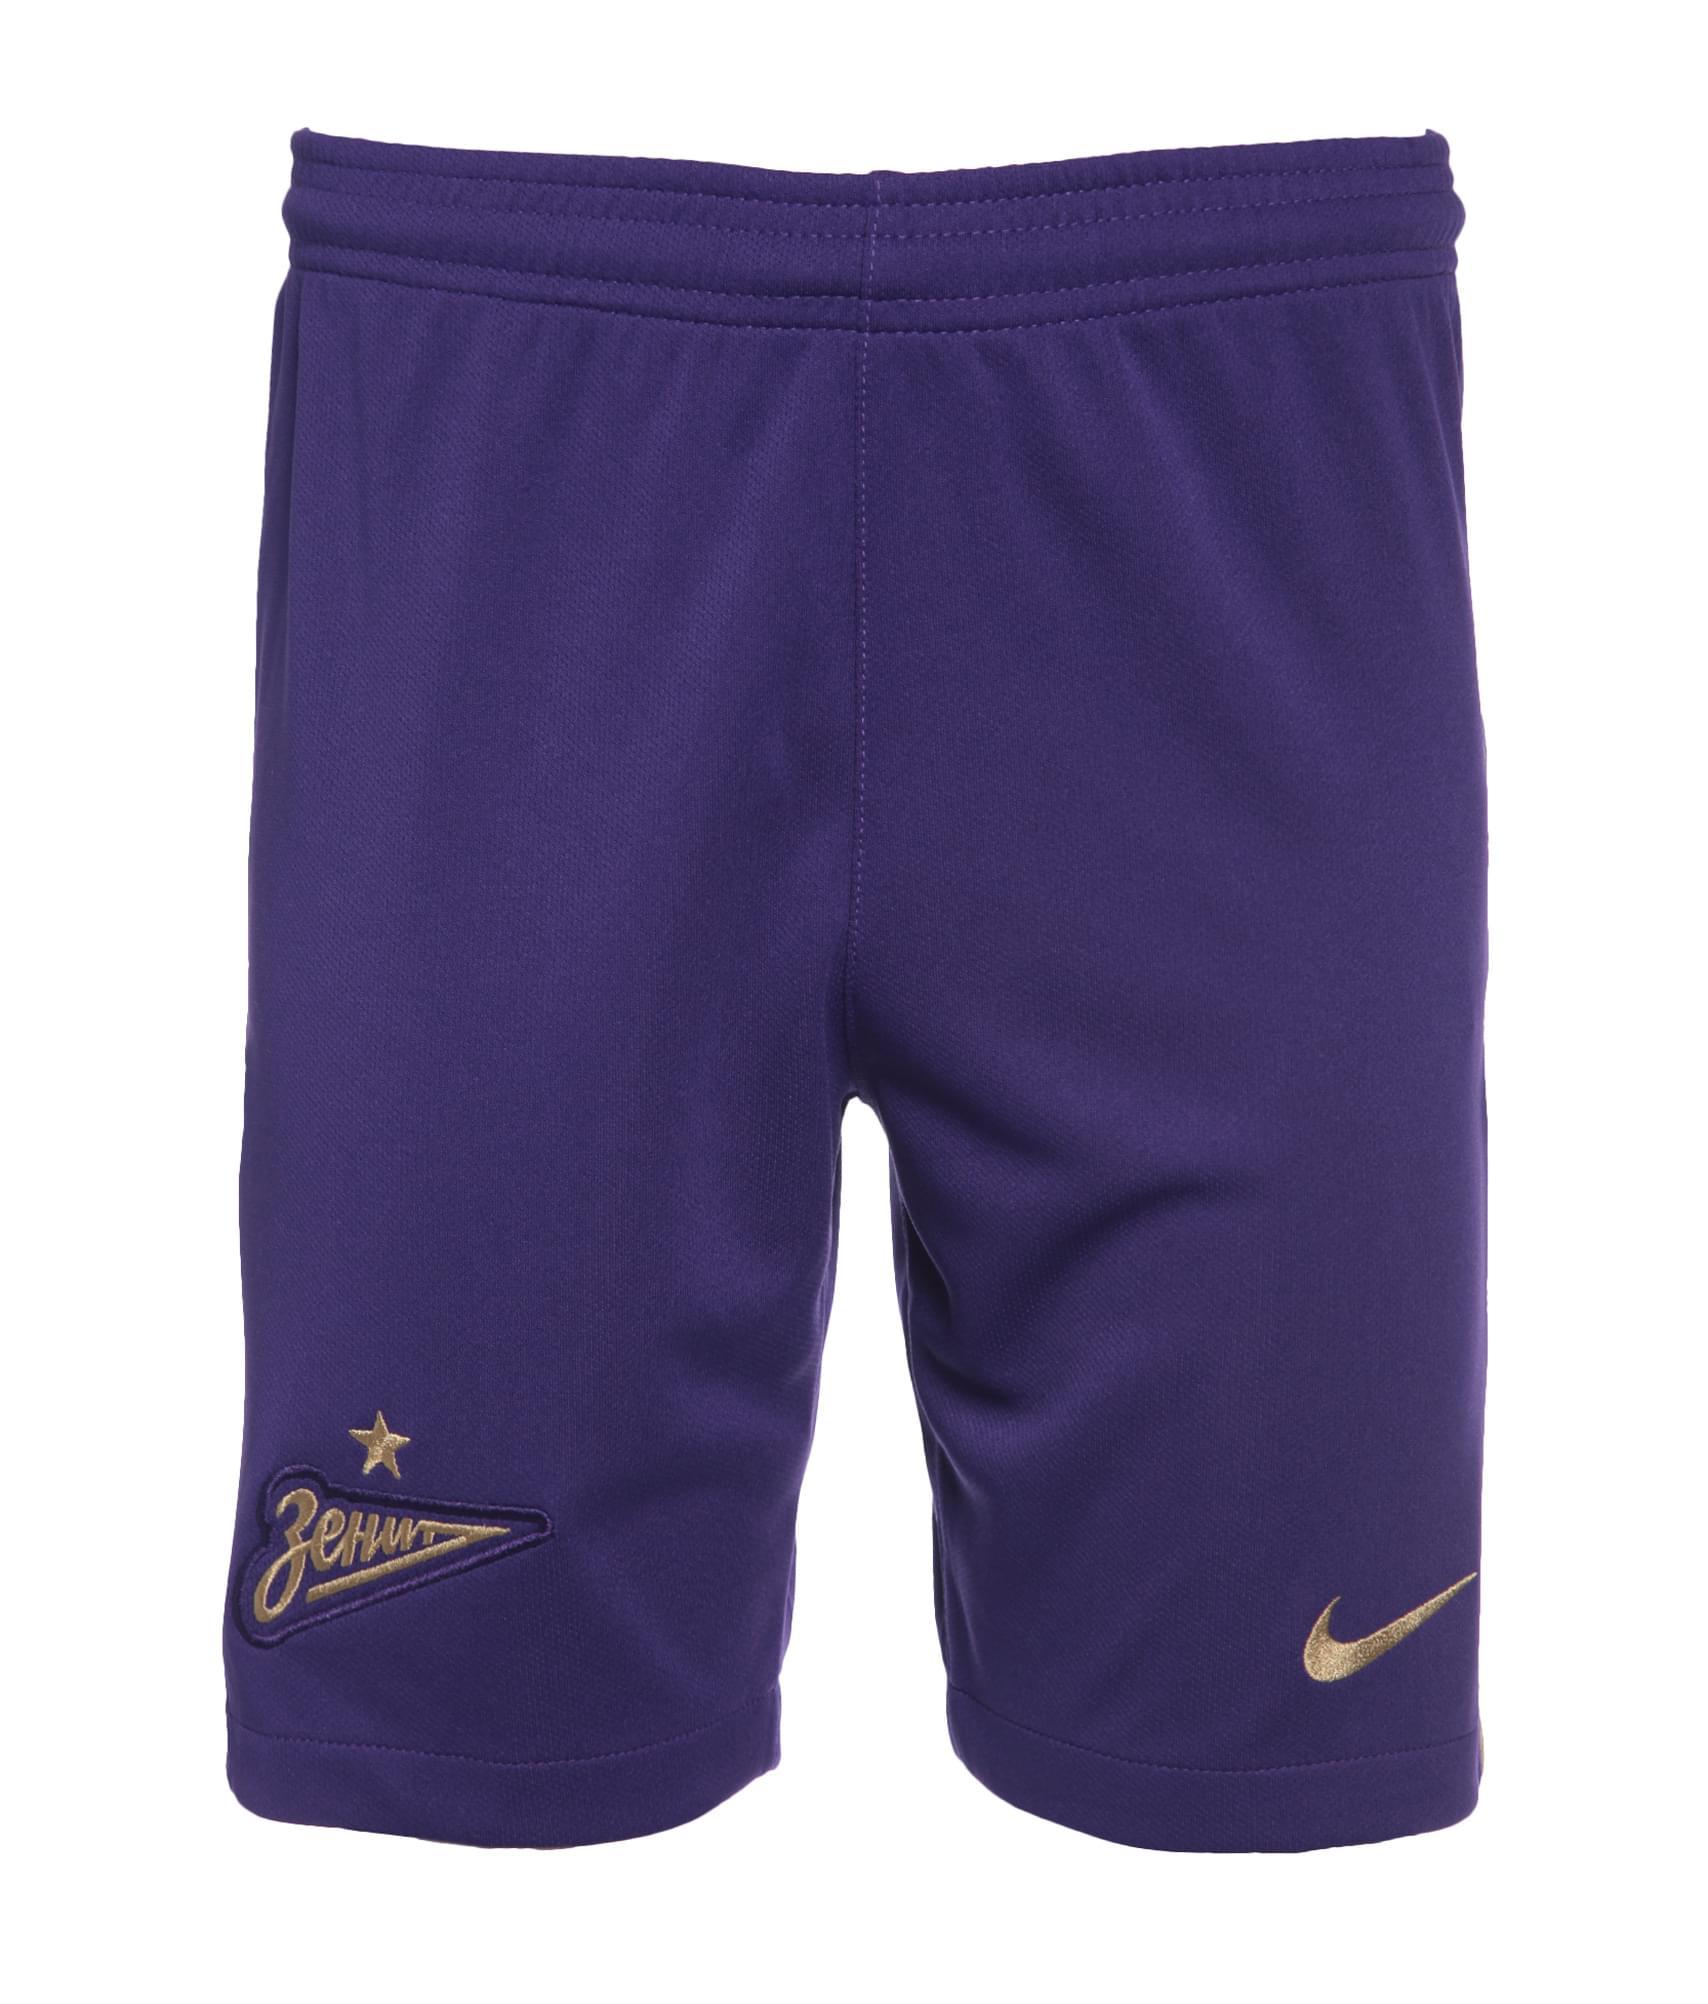 Подростковые резервные игровые шорты Nike сезона 2017/2018 Nike Цвет-Фиолетовый шорты mustang 1005668 5000 883